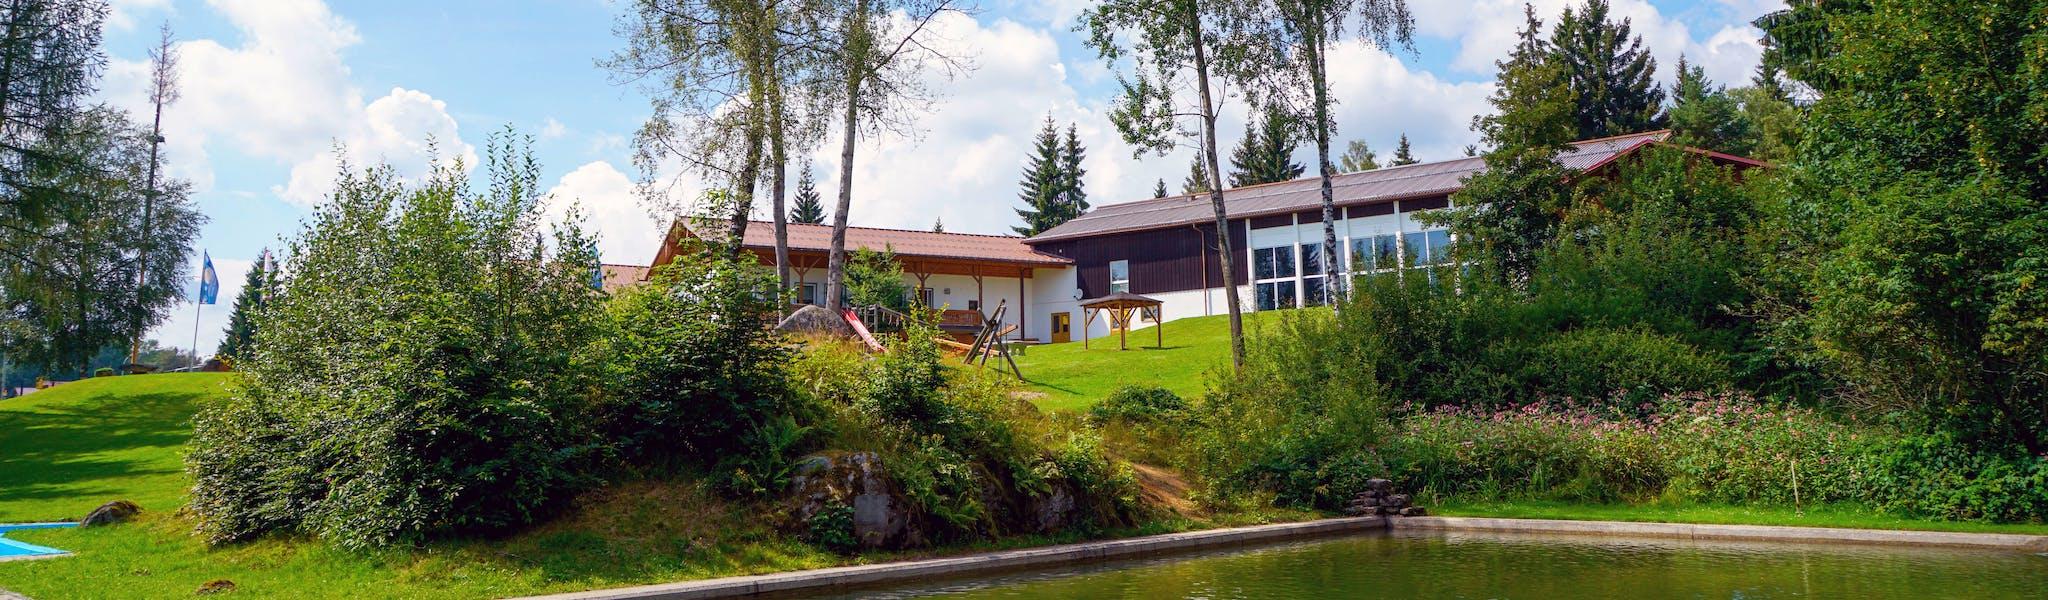 Camping Lackenhäuser natuurbad